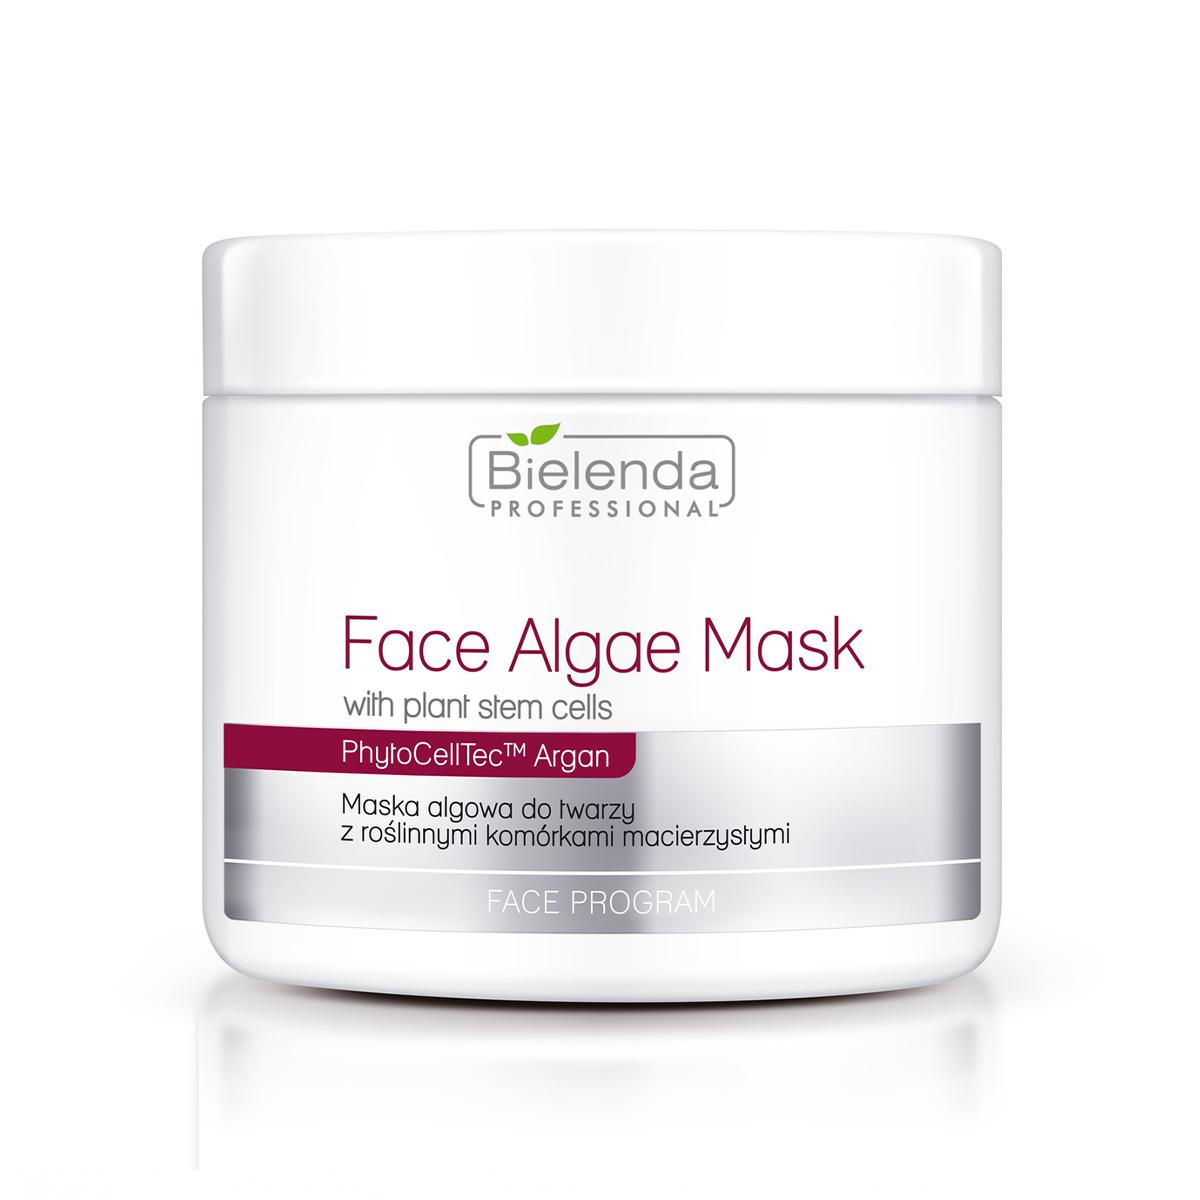 PHYTOCELLTEC ™ ARGAN Альгинатная маска для лица с растительными стволовыми клетками, 190 г.